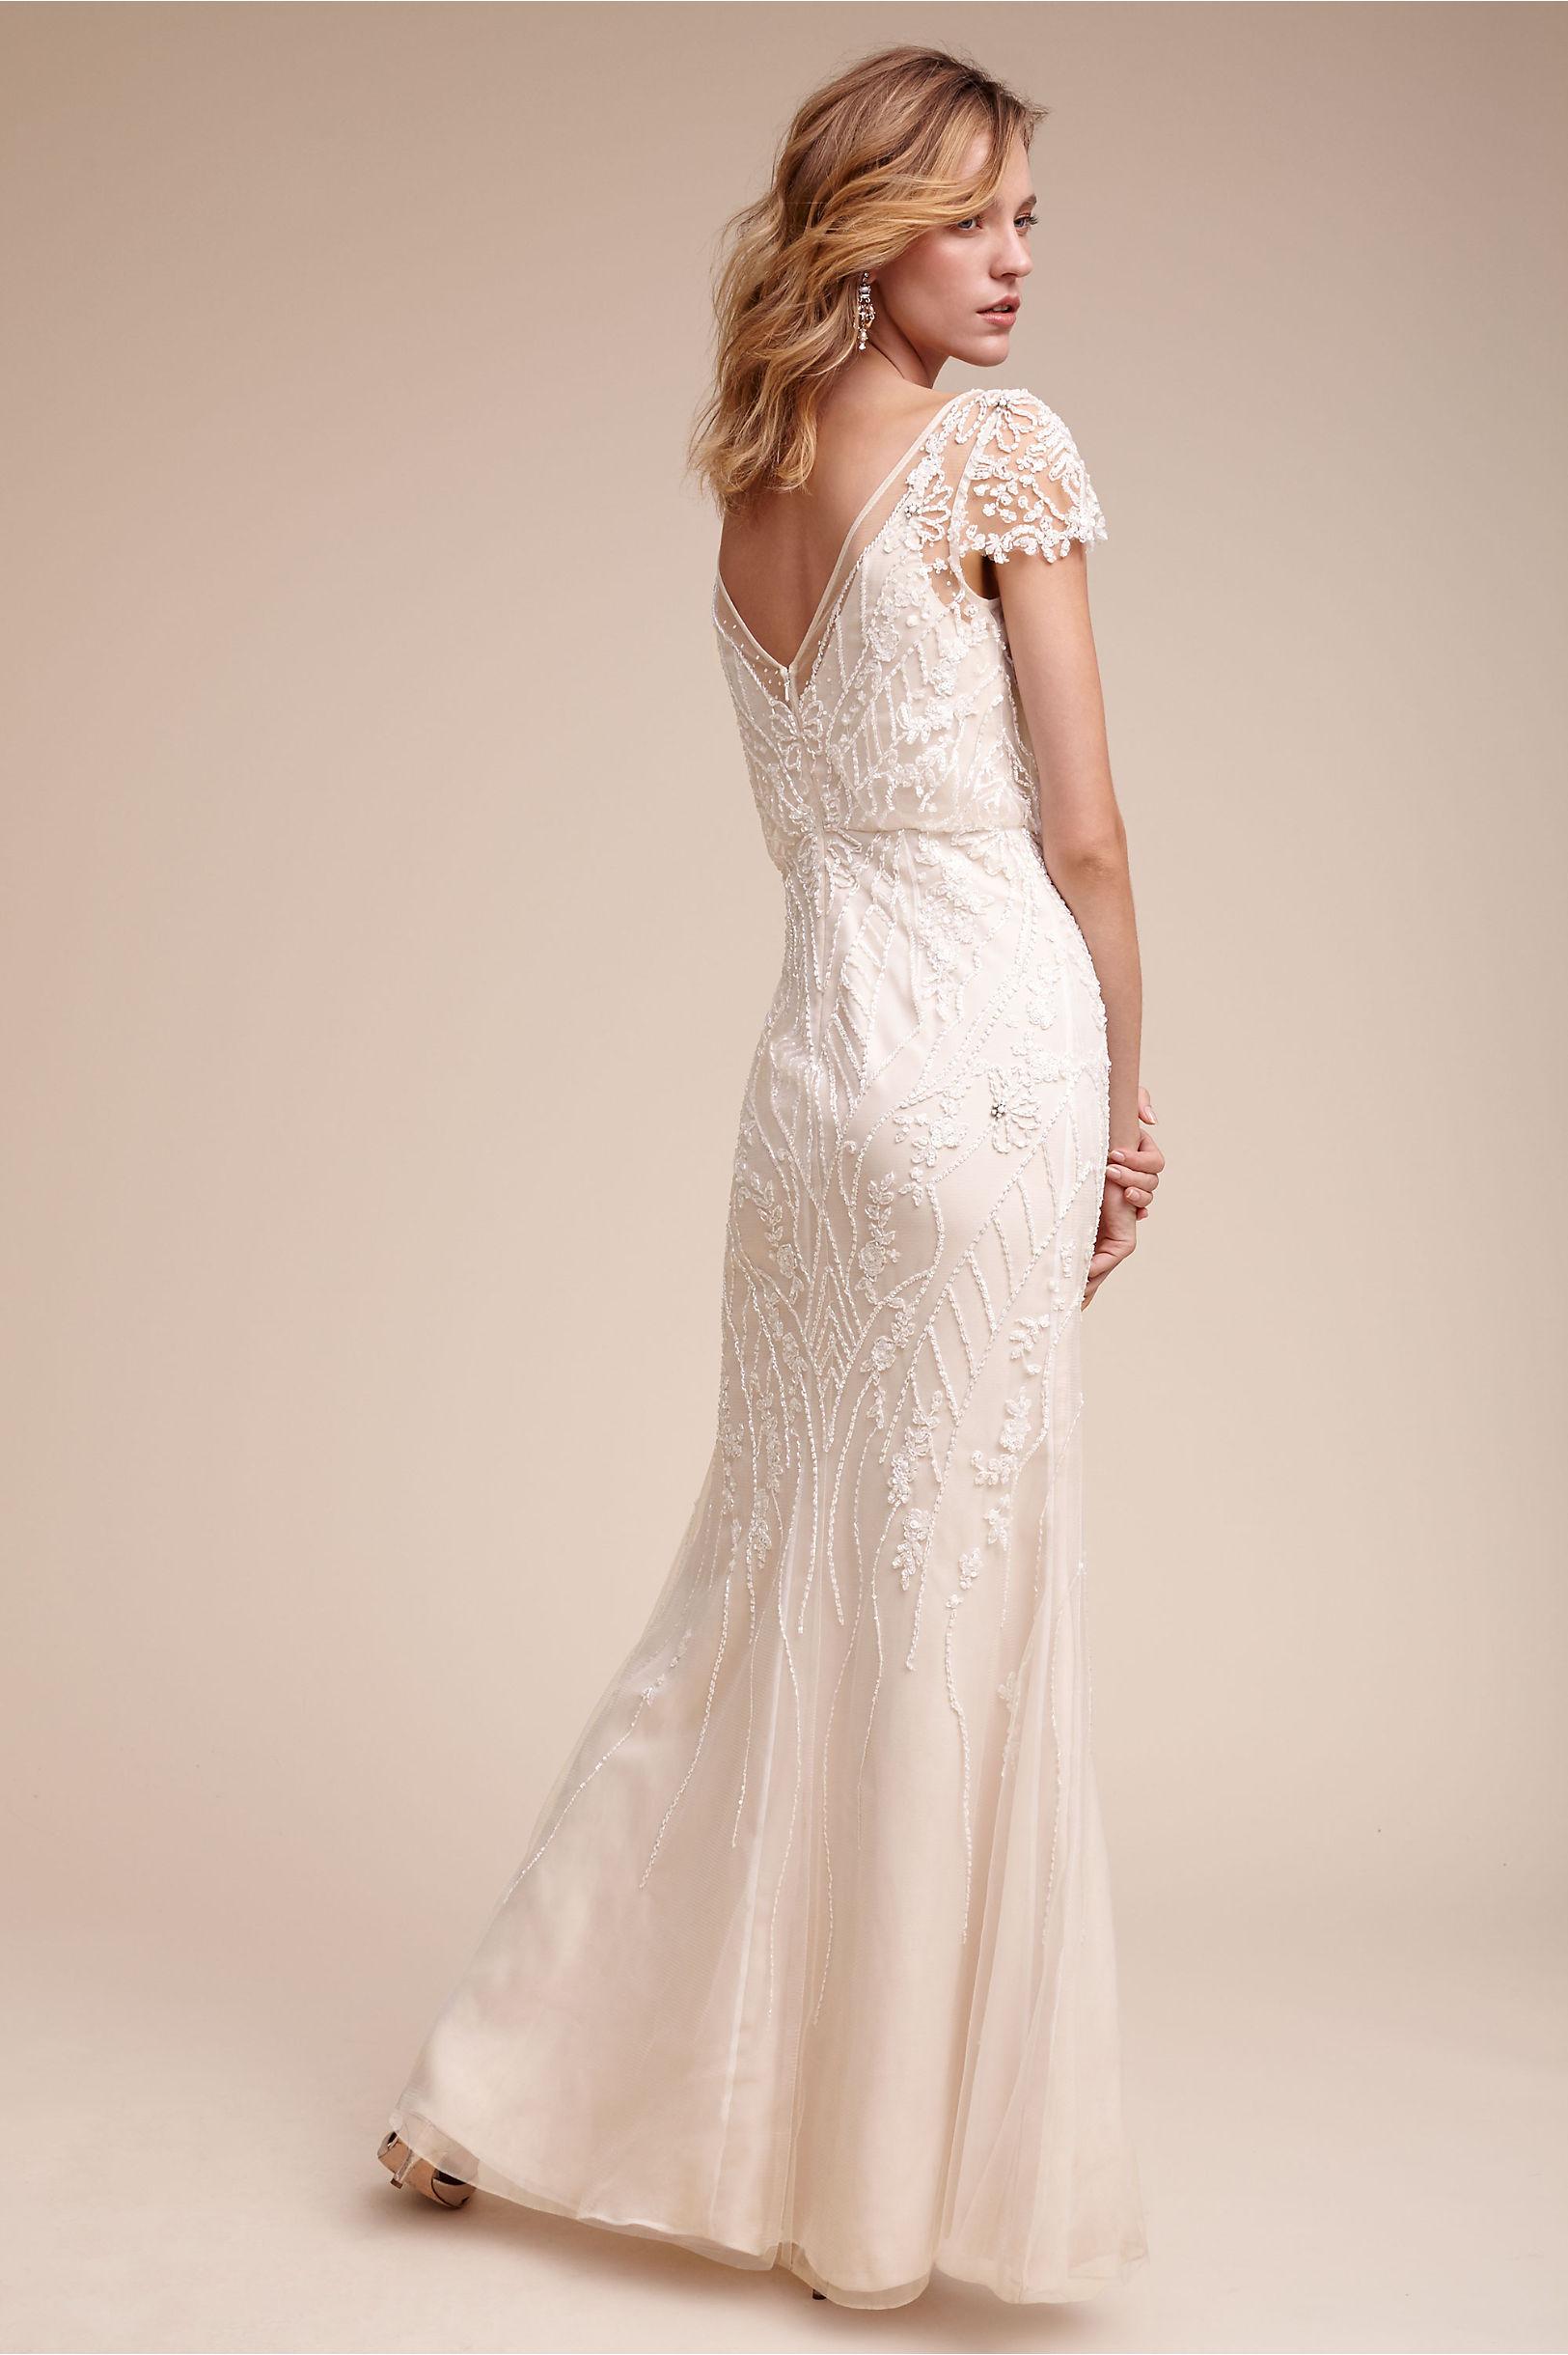 Aurora Gown in Sale | BHLDN